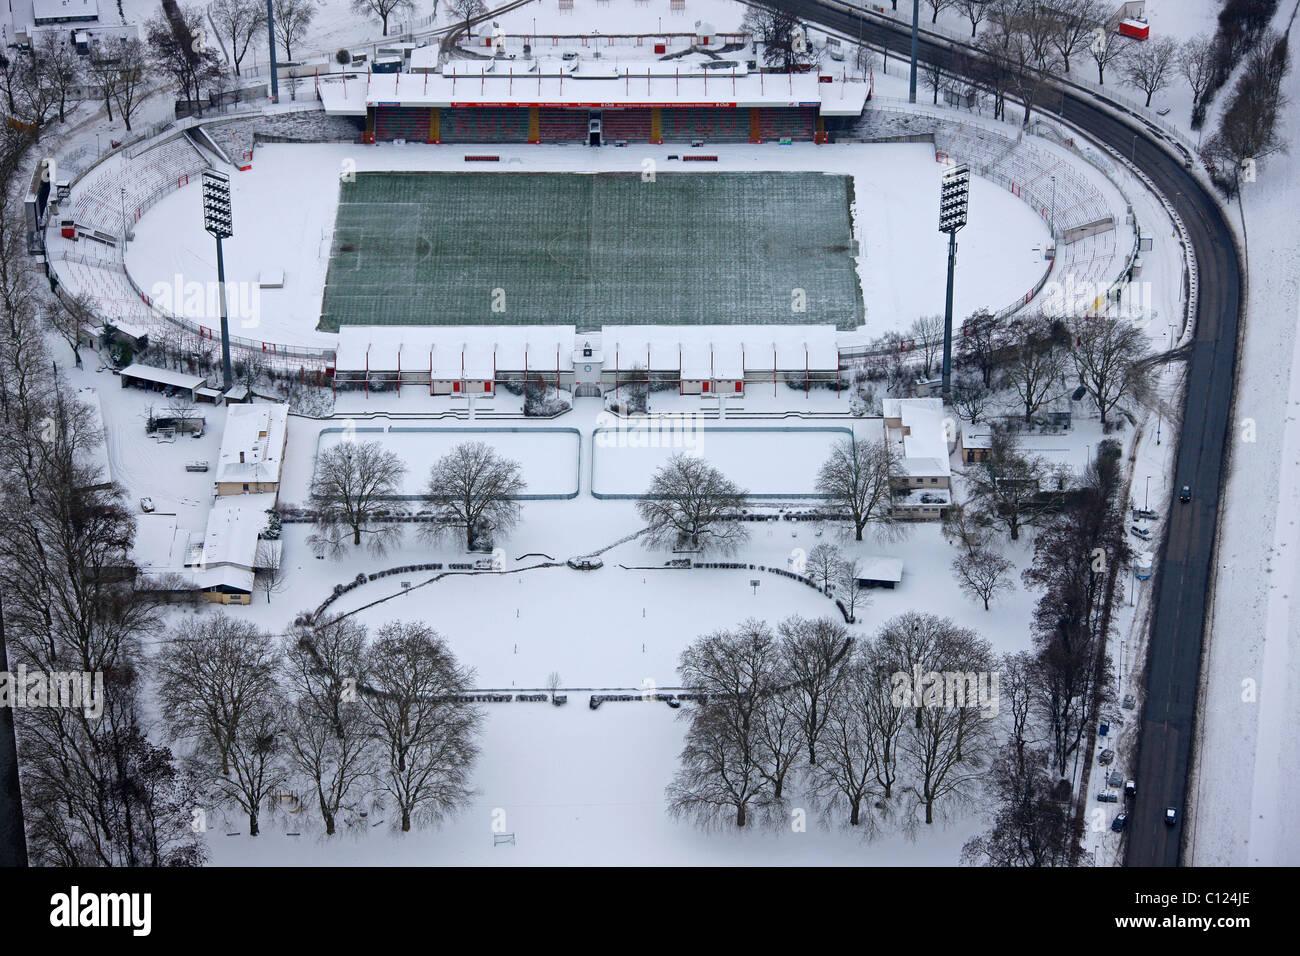 Aerial view, RWO Stadion stadium, snow, Oberhausen, Ruhrgebiet region, North Rhine-Westphalia, Germany, Europe - Stock Image